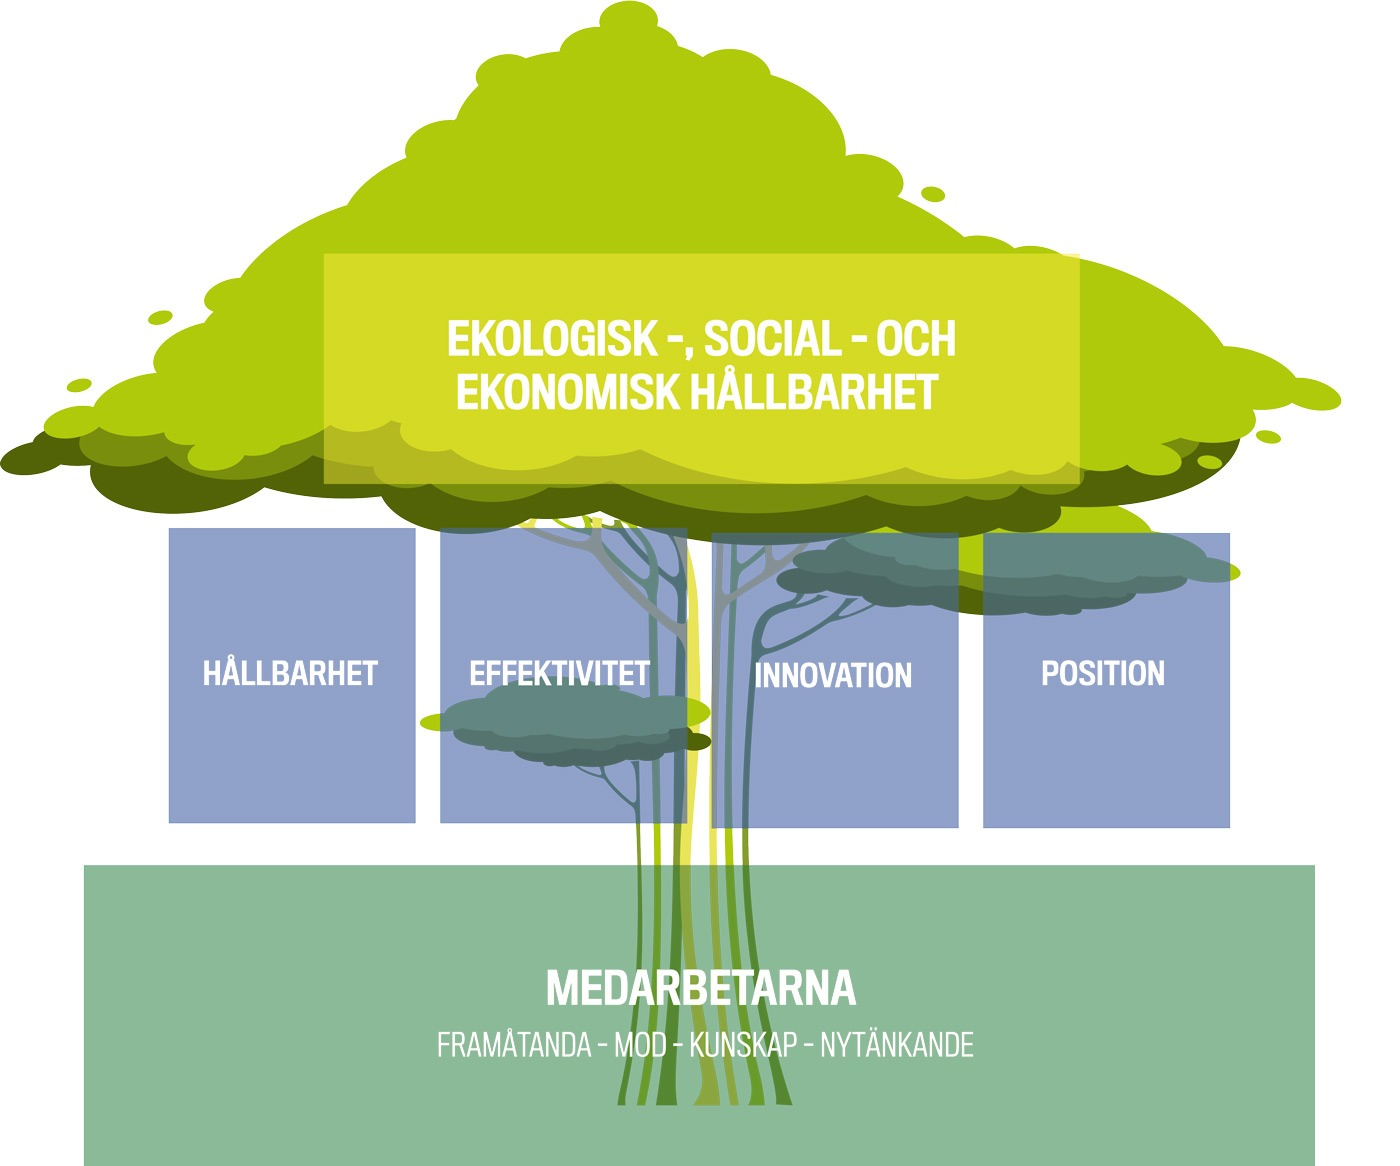 Översikt vår strategiska plattform, utformad som en pyramid och ett träd - strategin